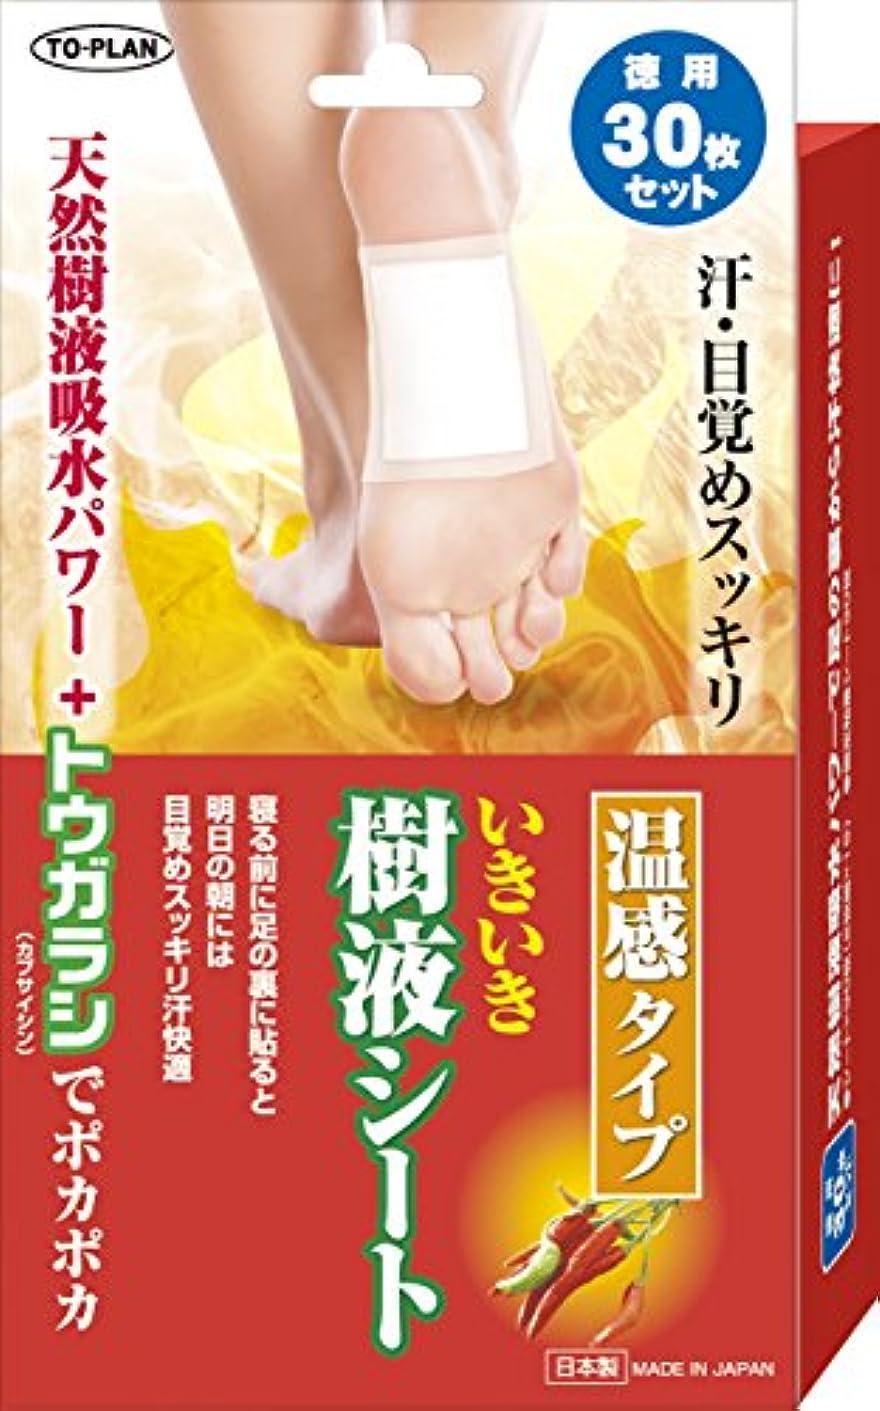 トイレ慎重卒業記念アルバムTO-PLAN(トプラン) 温感タイプいきいき樹液シート30枚入